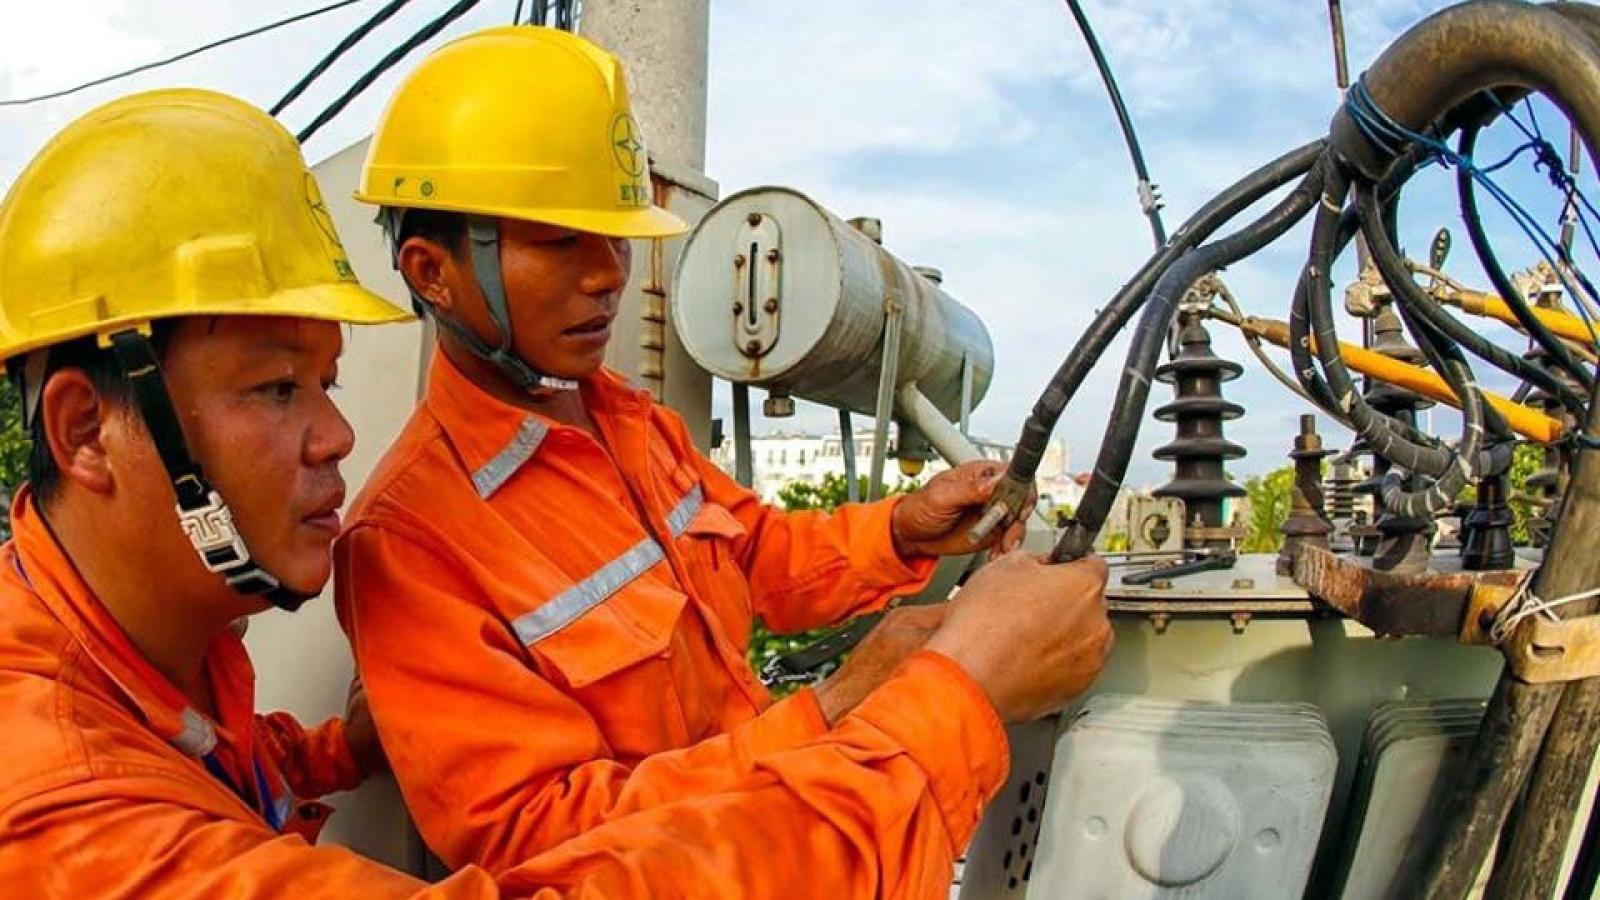 Quy hoạch điện 8 đảm bảo đủ điện trong mọi tình huống